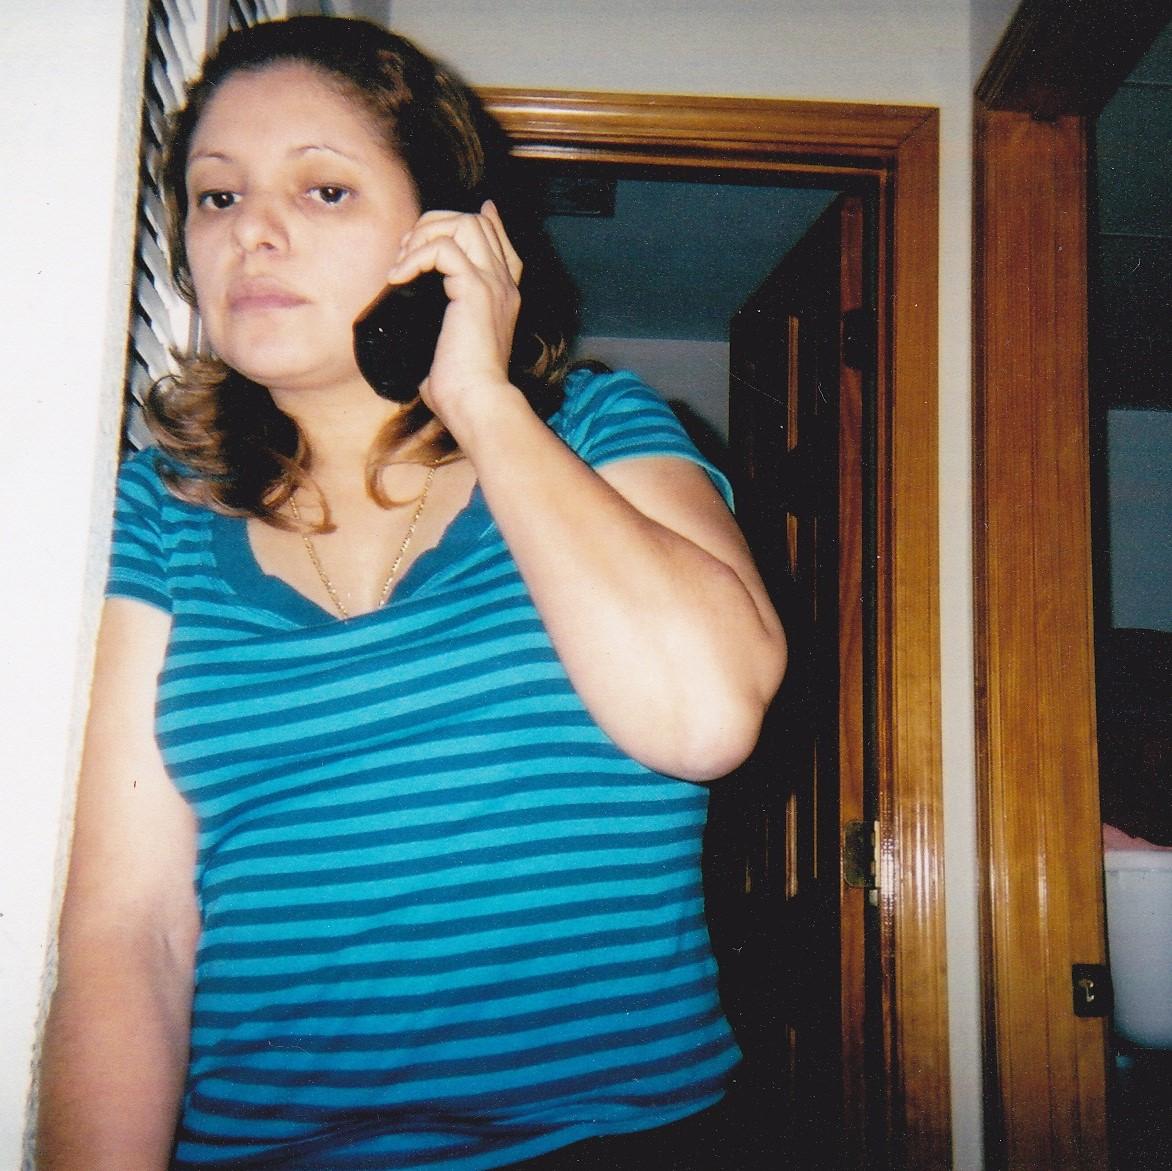 ella es mi mami queriendole hablar a mi hermanito y a mi papi